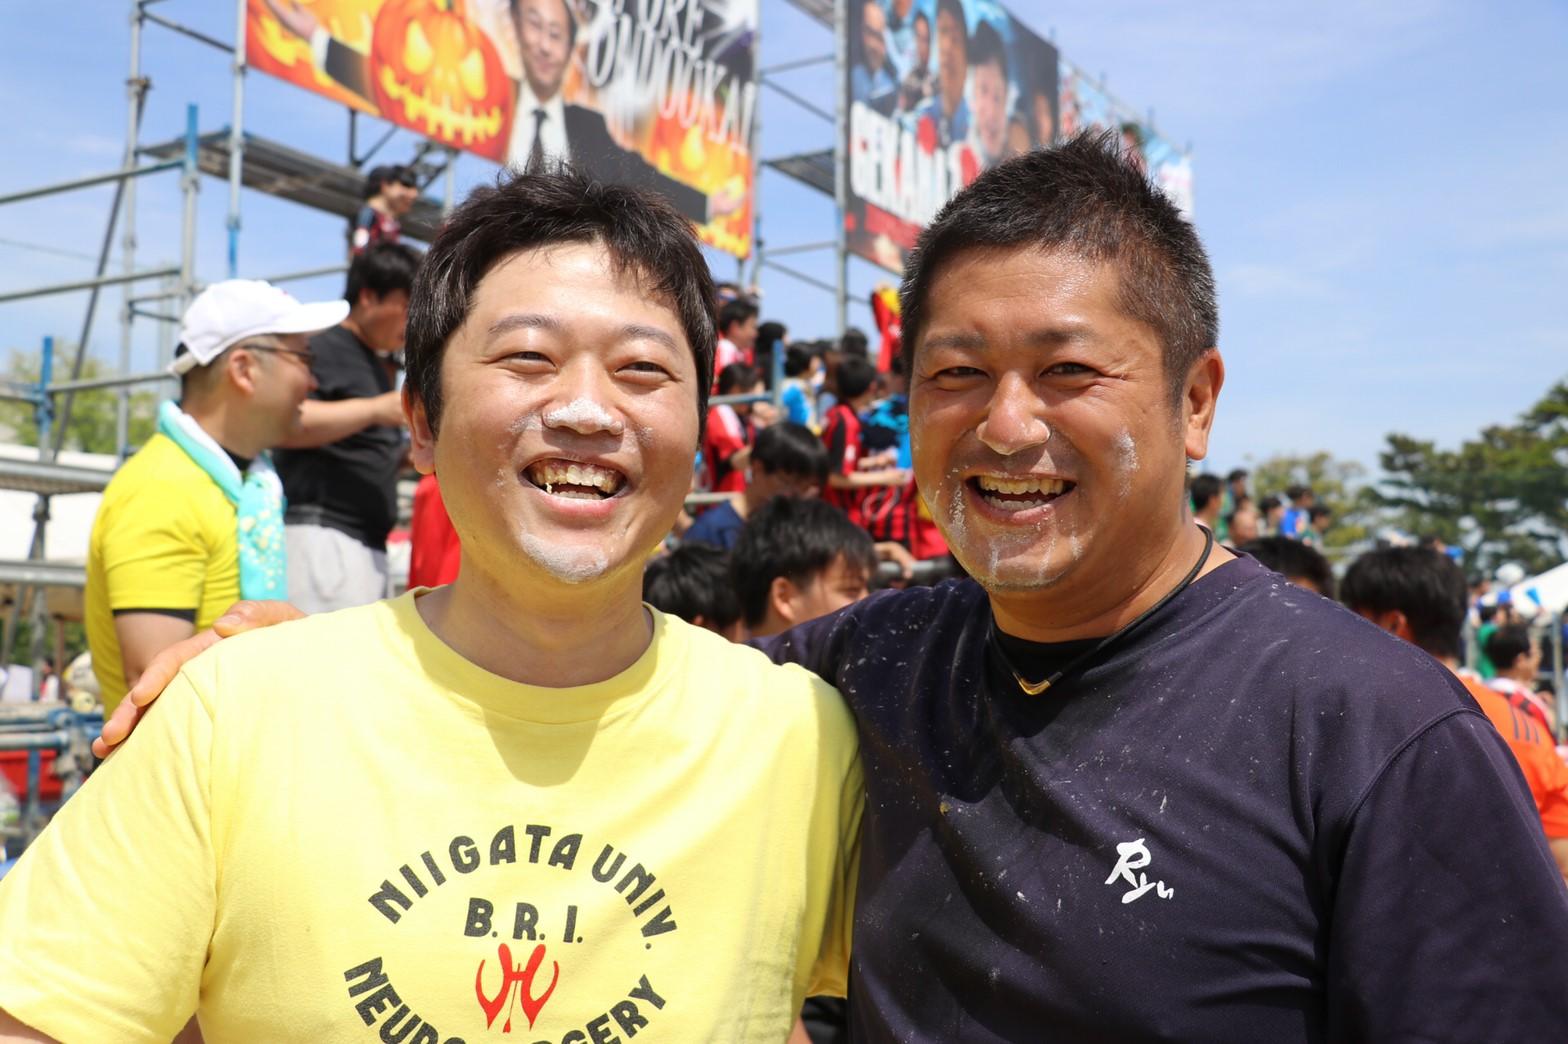 新王者(左:吉田至誠先生)と絶対王者(右:佐藤大輔先生) 2人とも良い表情です。